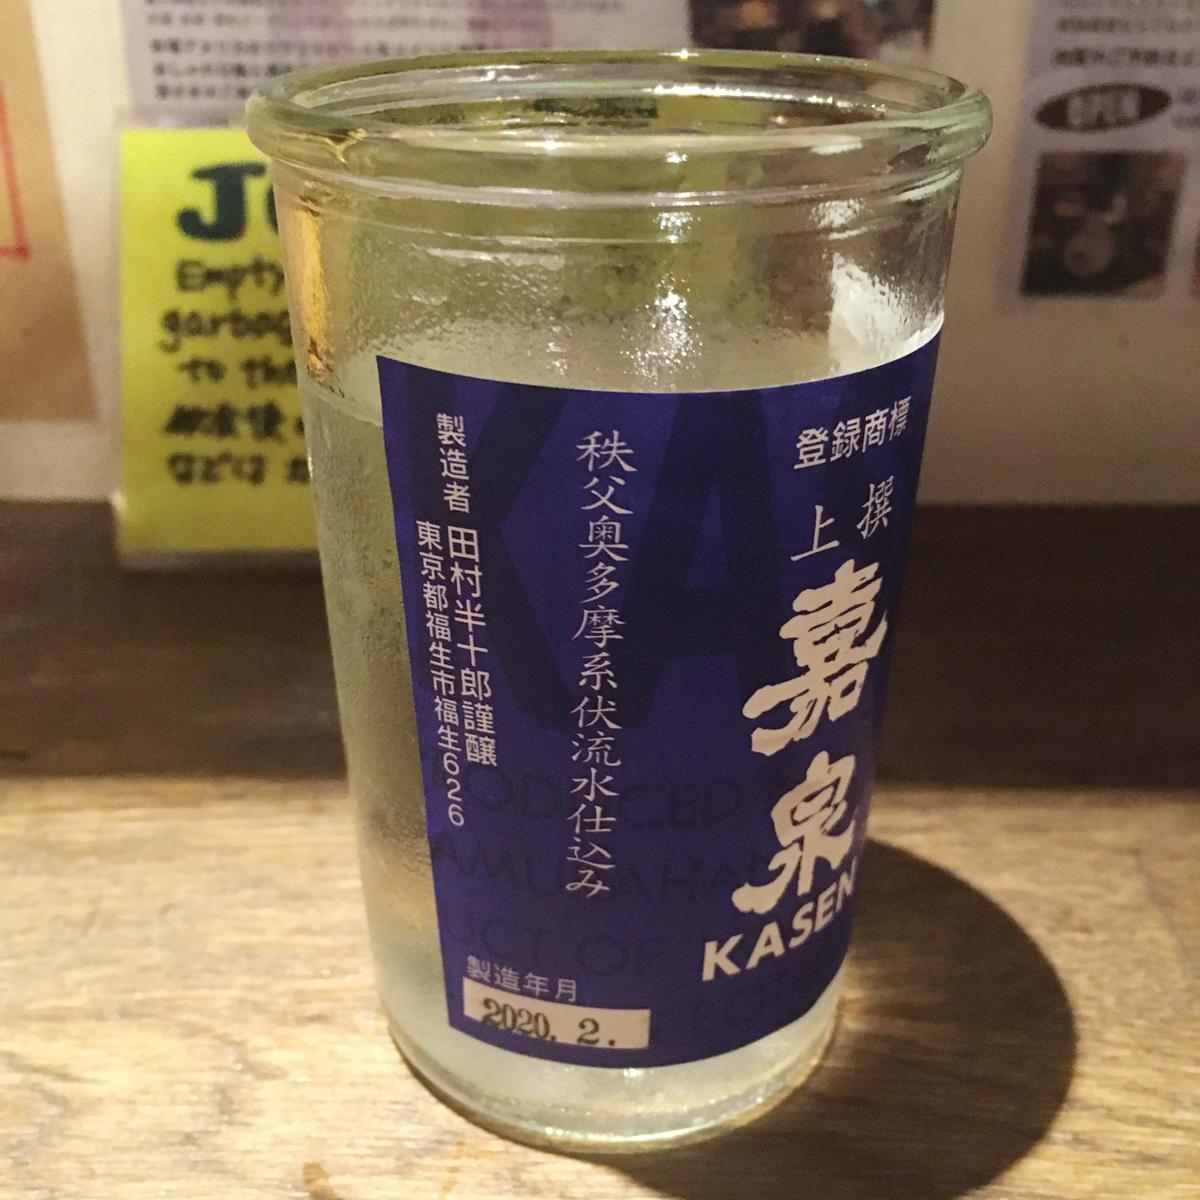 福生にある田村酒造のワンカップ「上撰・嘉泉」